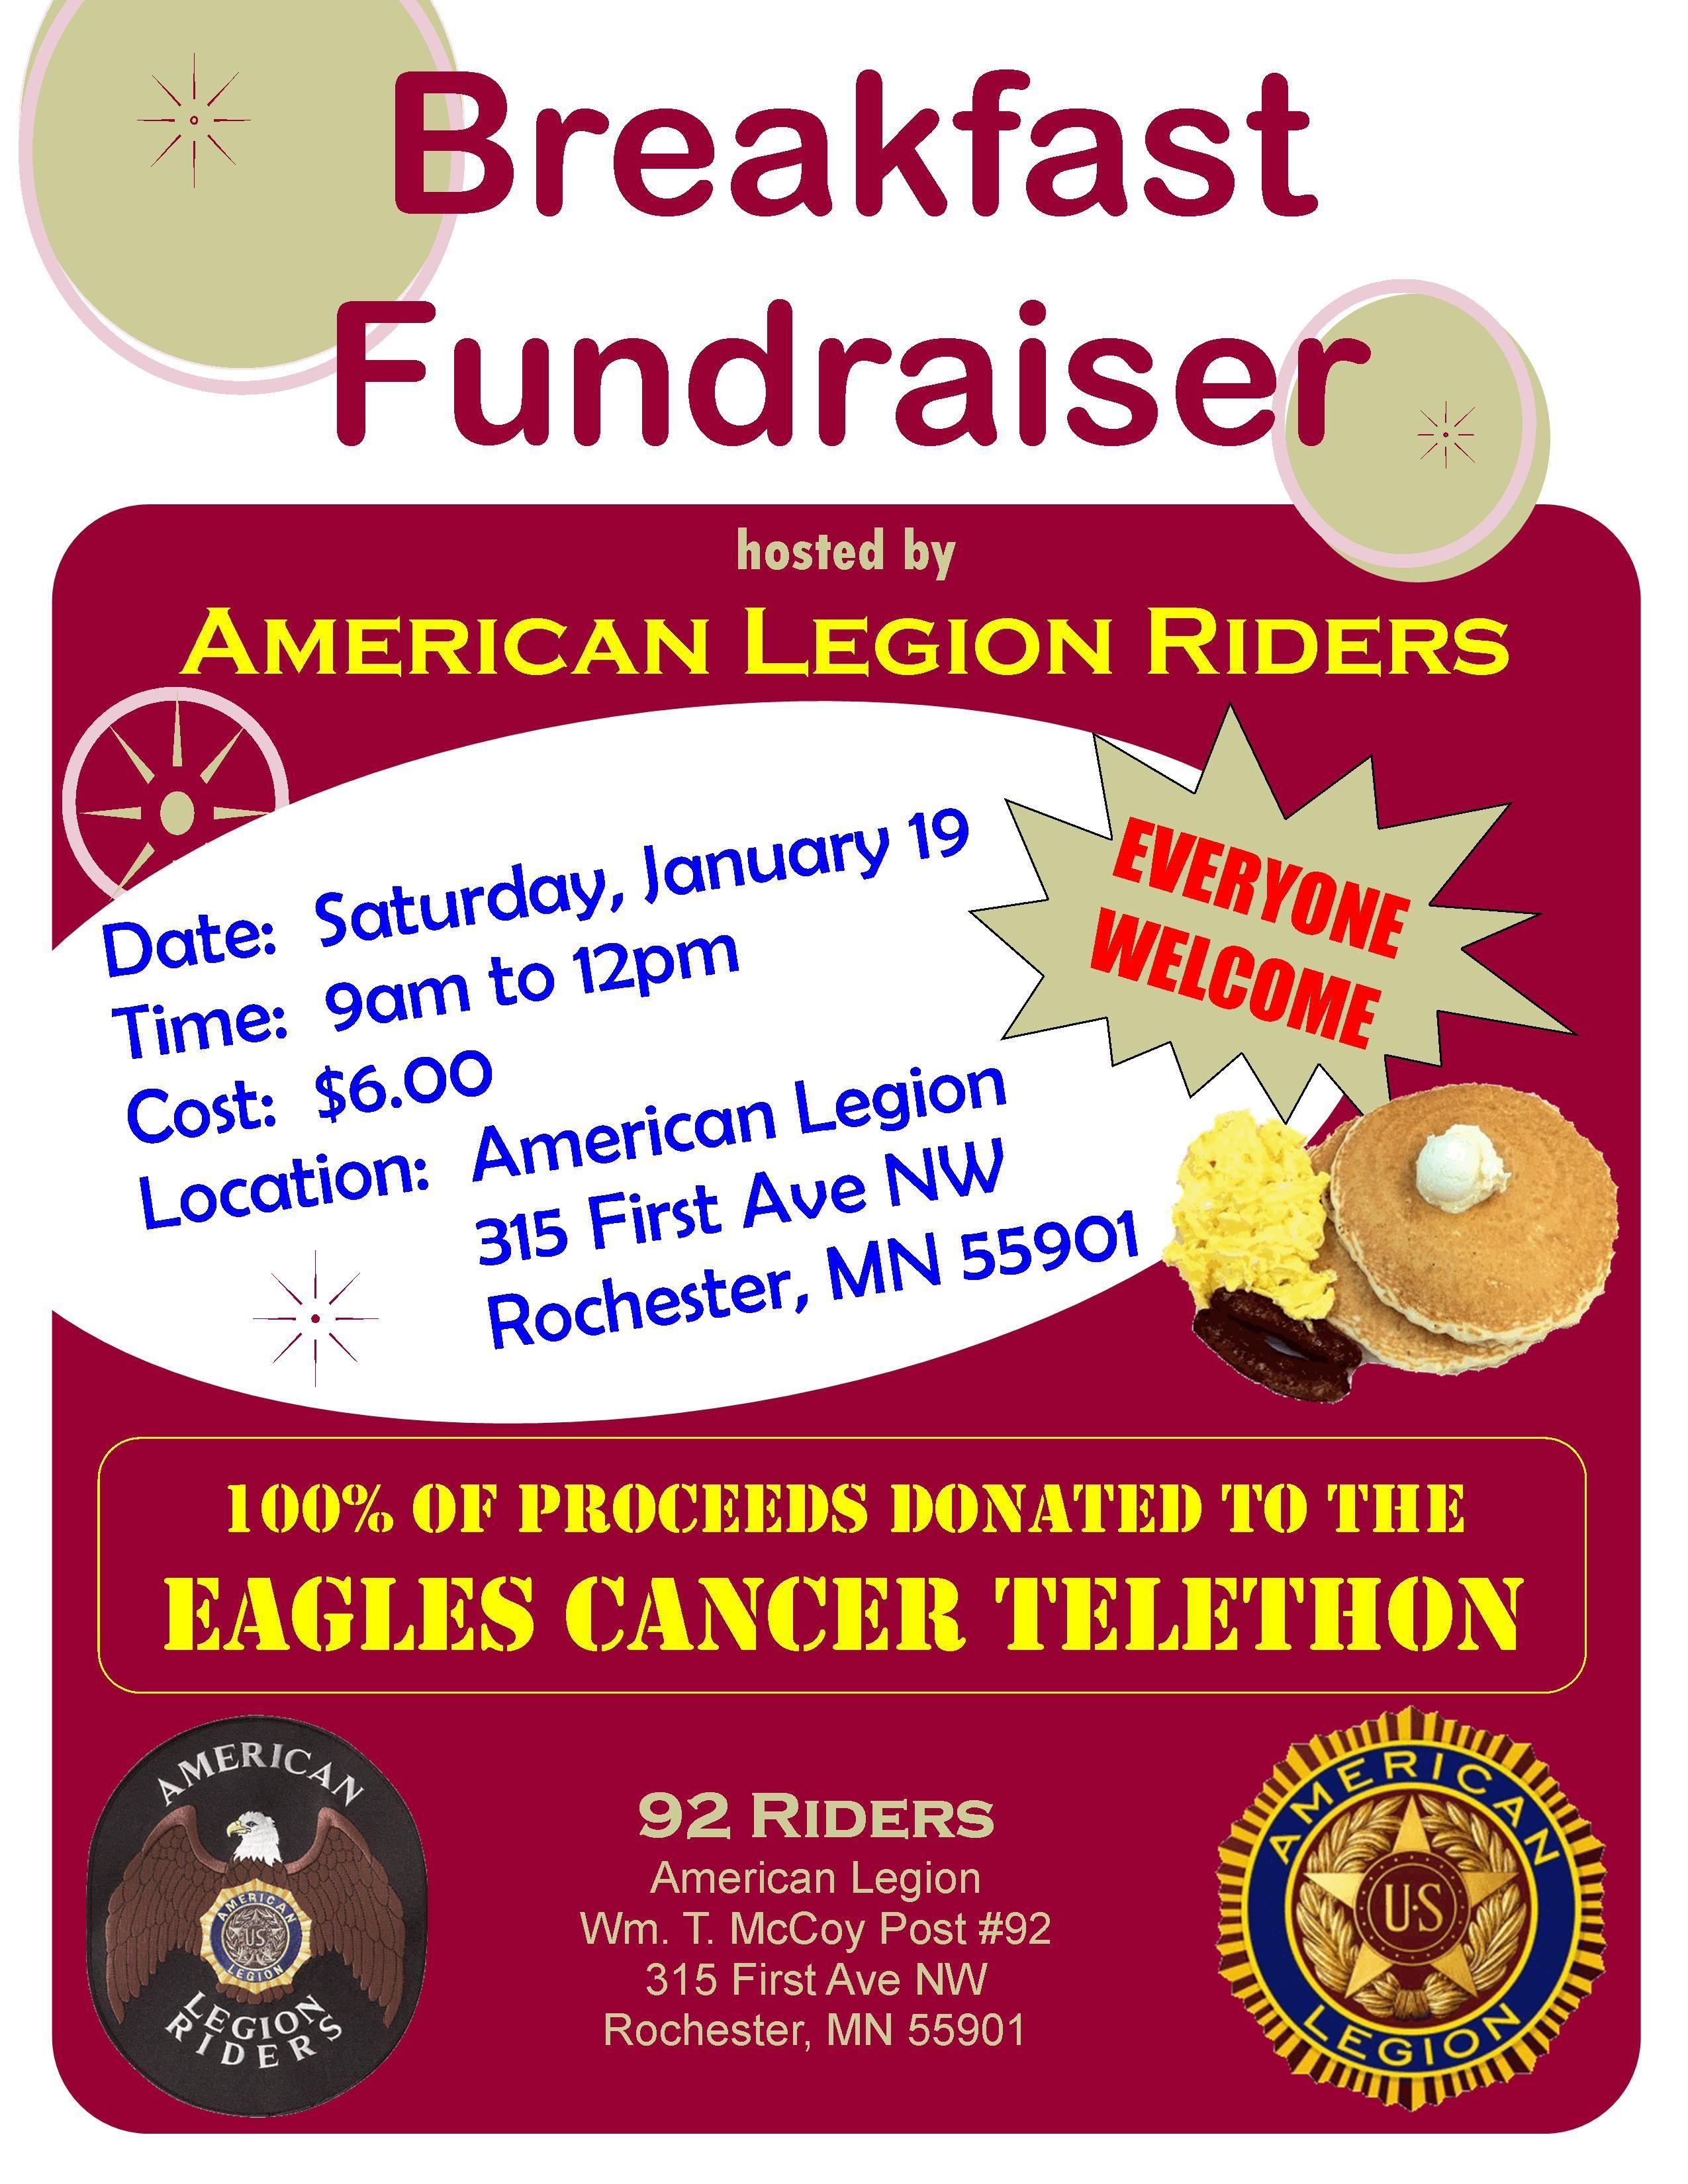 american legion breakfast fundraiser | american legion fundraiser